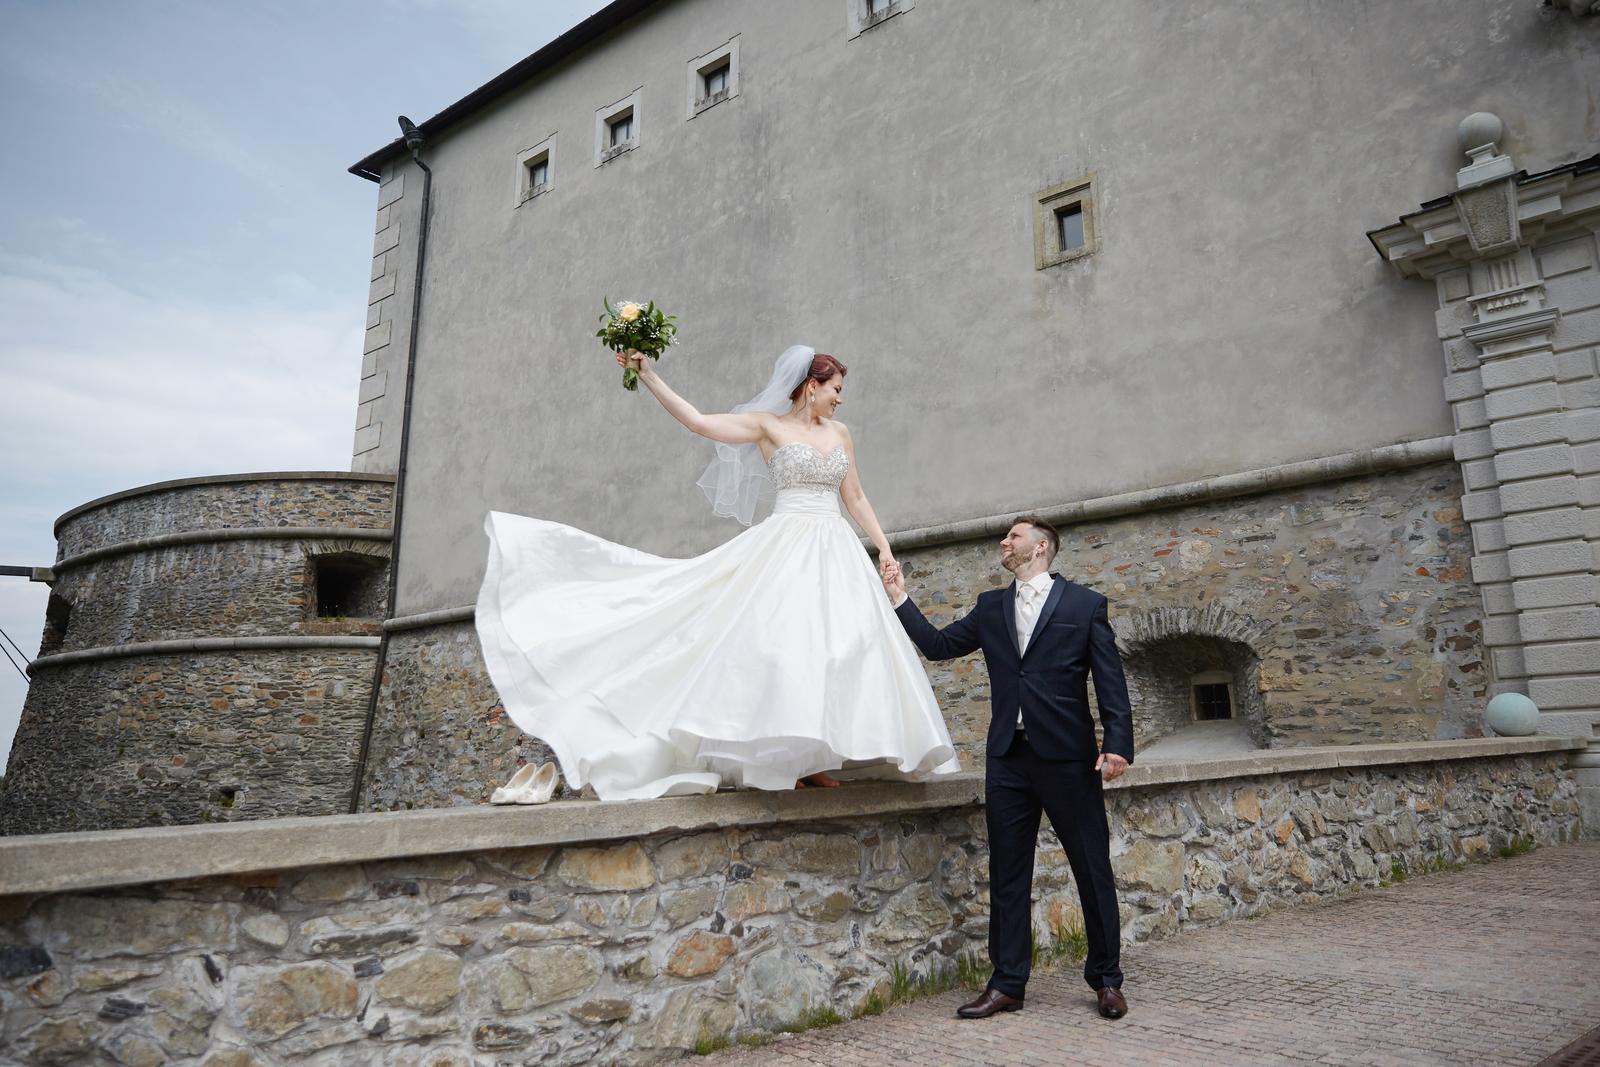 vynimocne svadobne saty - Obrázok č. 3